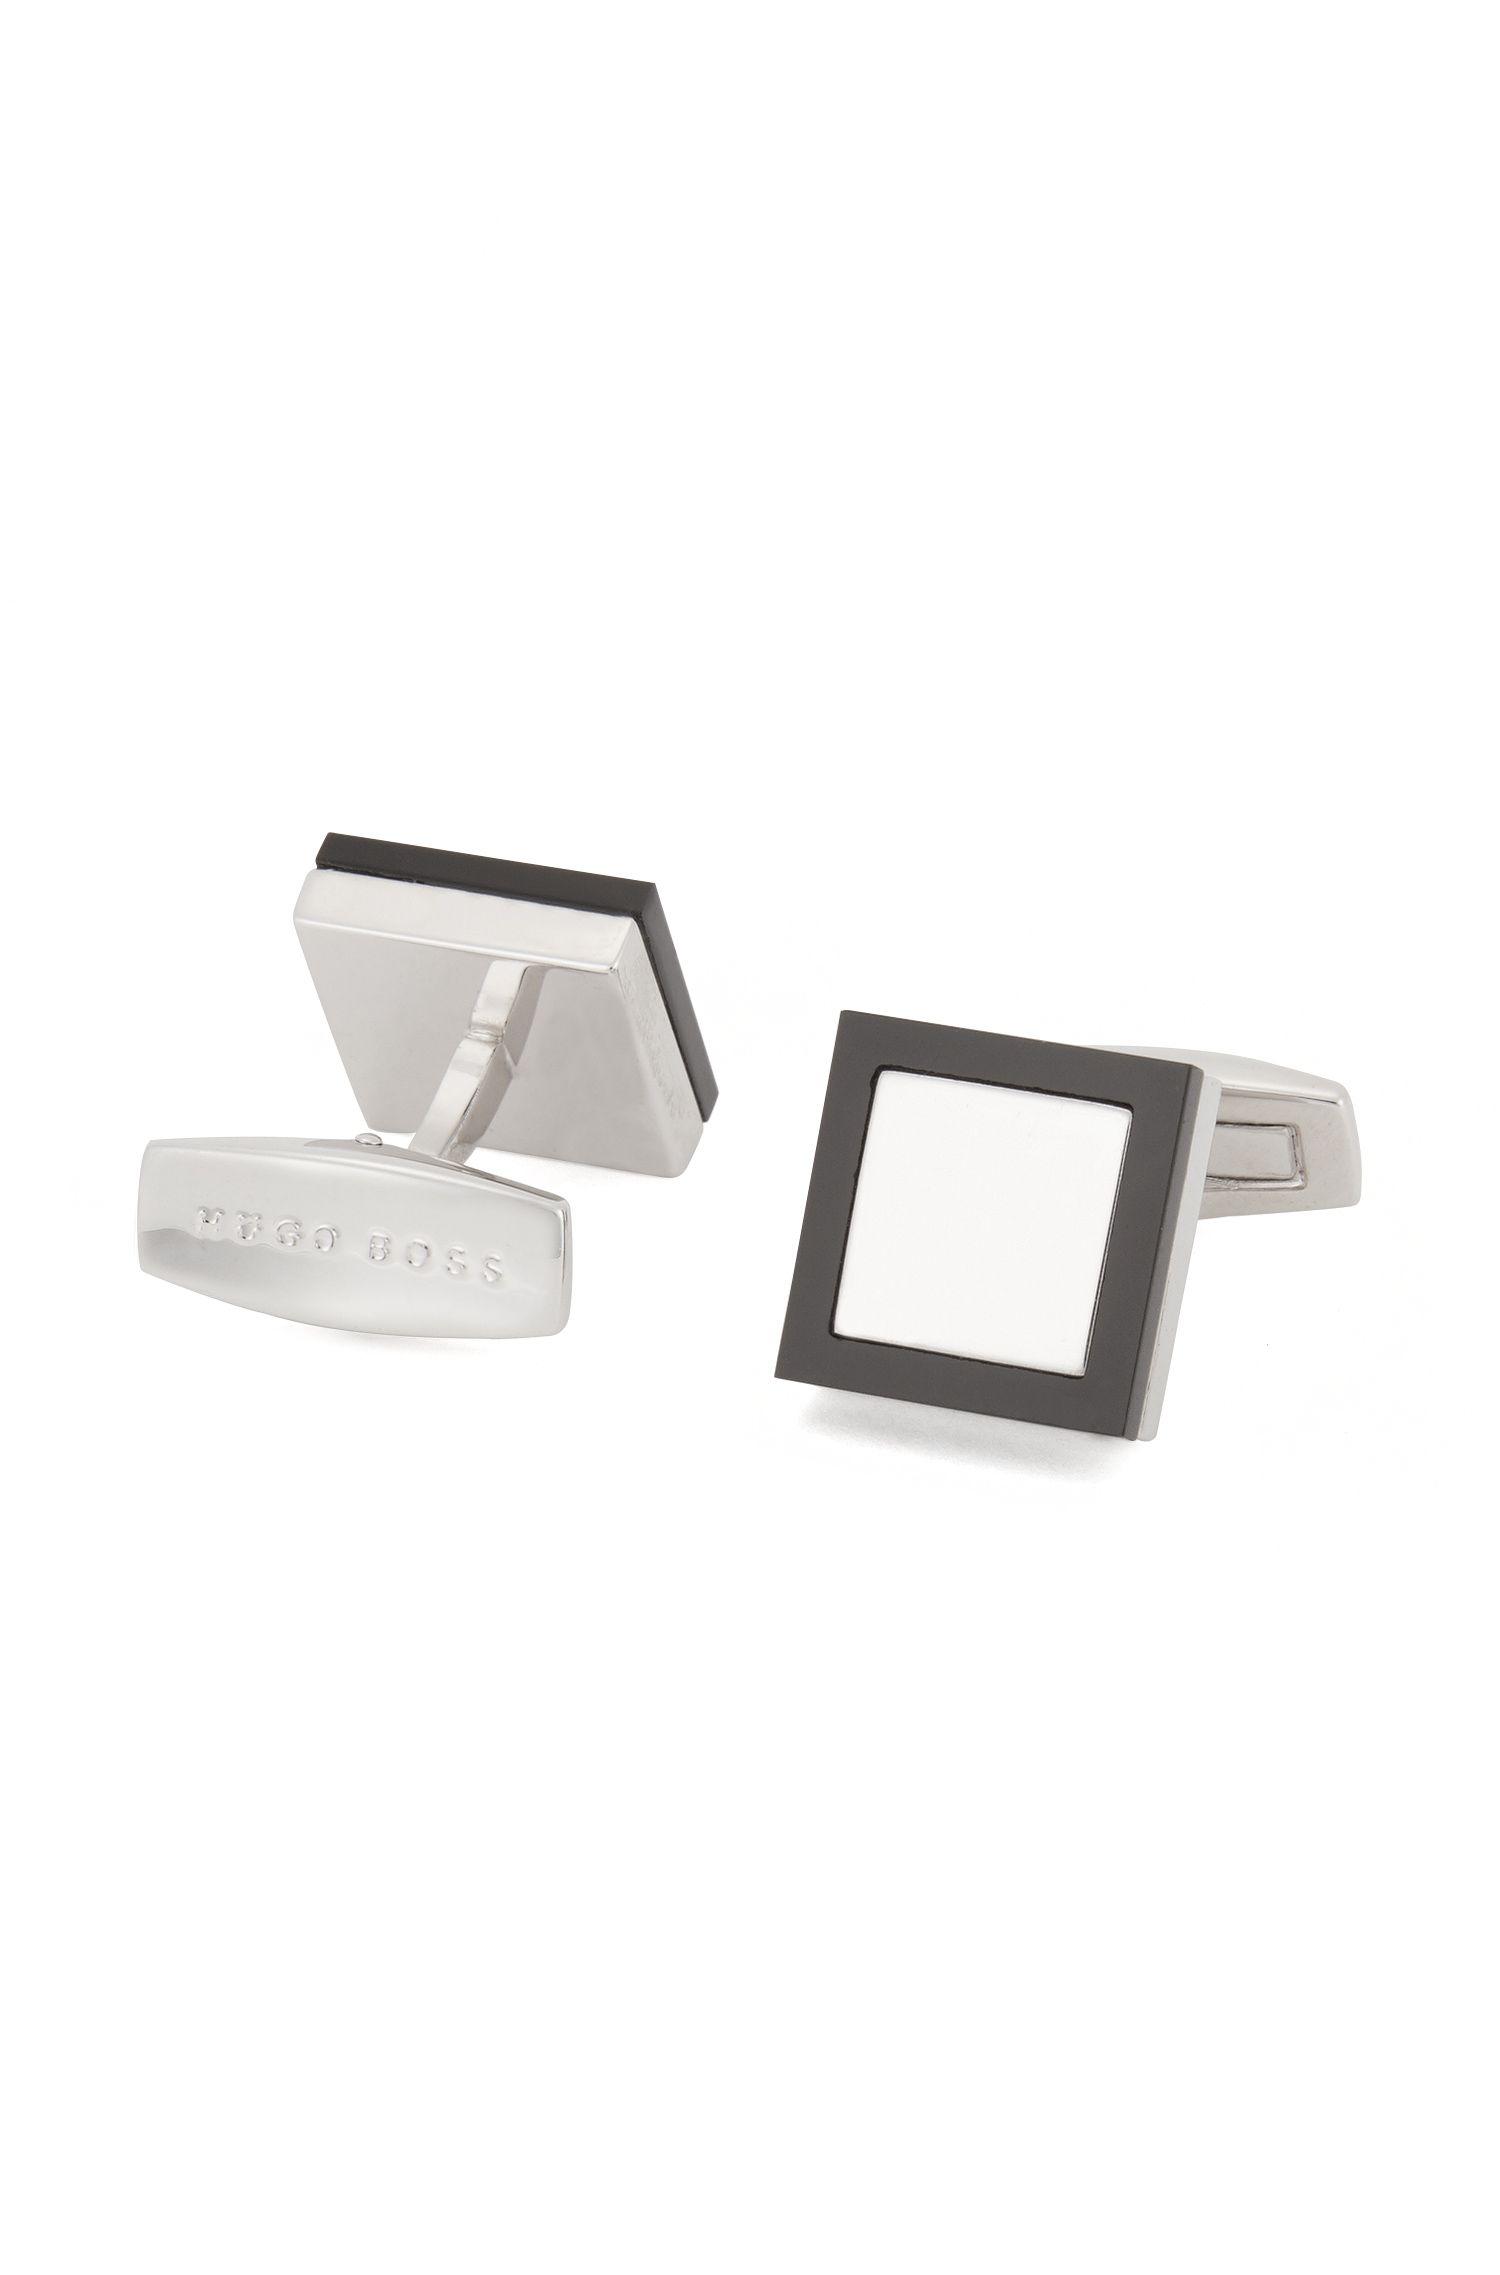 Quadratische Manschettenknöpfe aus Messing mit Onyx-Einfassung